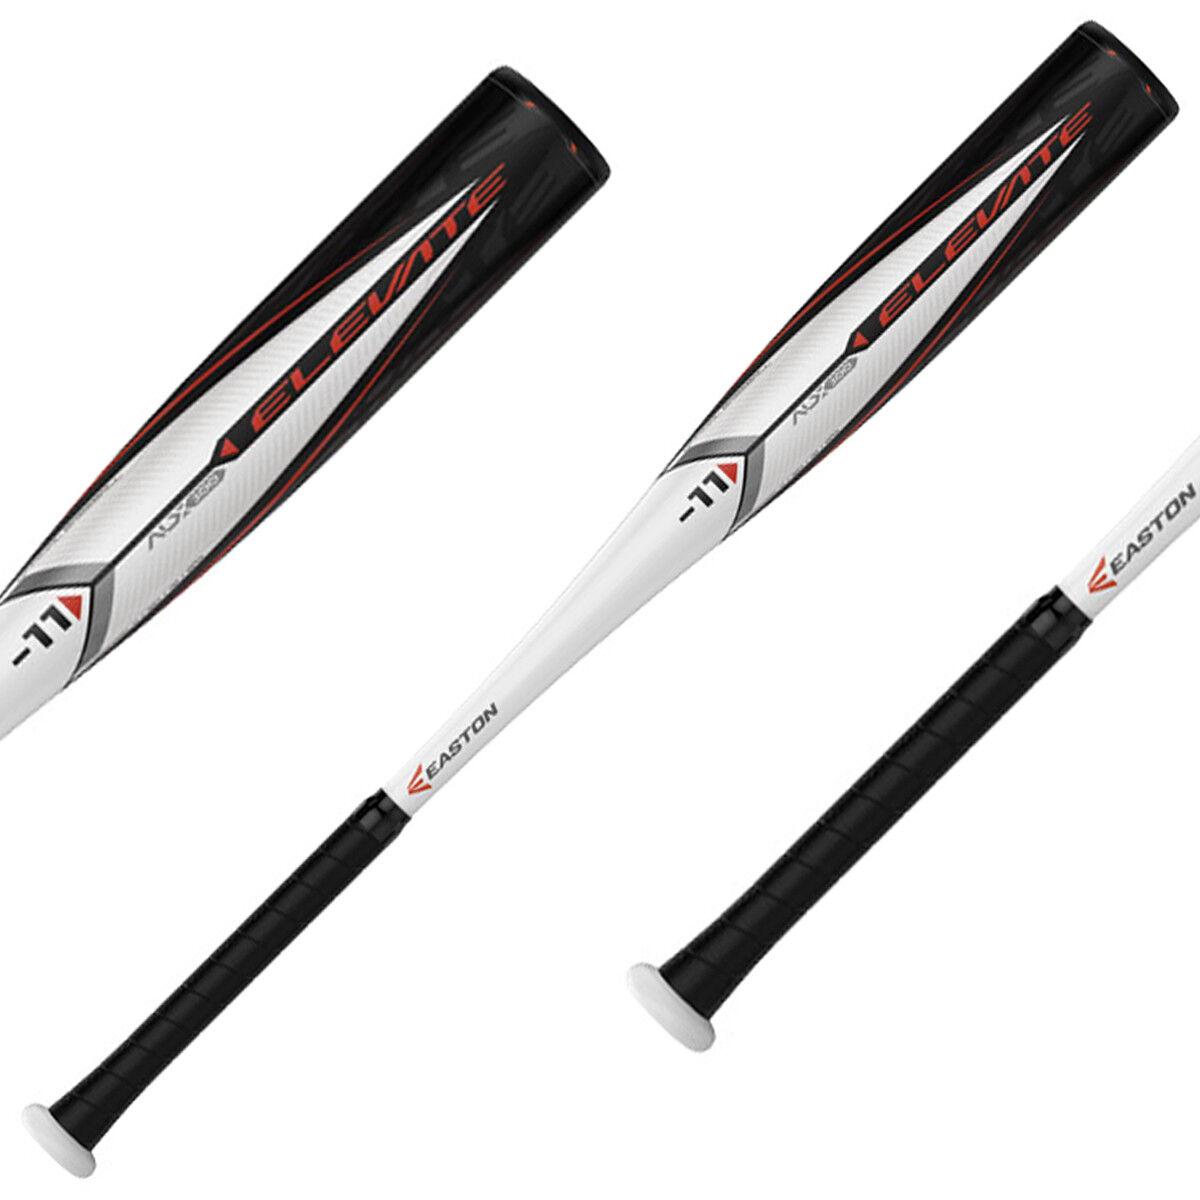 Easton Elevate -11 EE. UU. bate de béisbol (nuevo) listas @  100